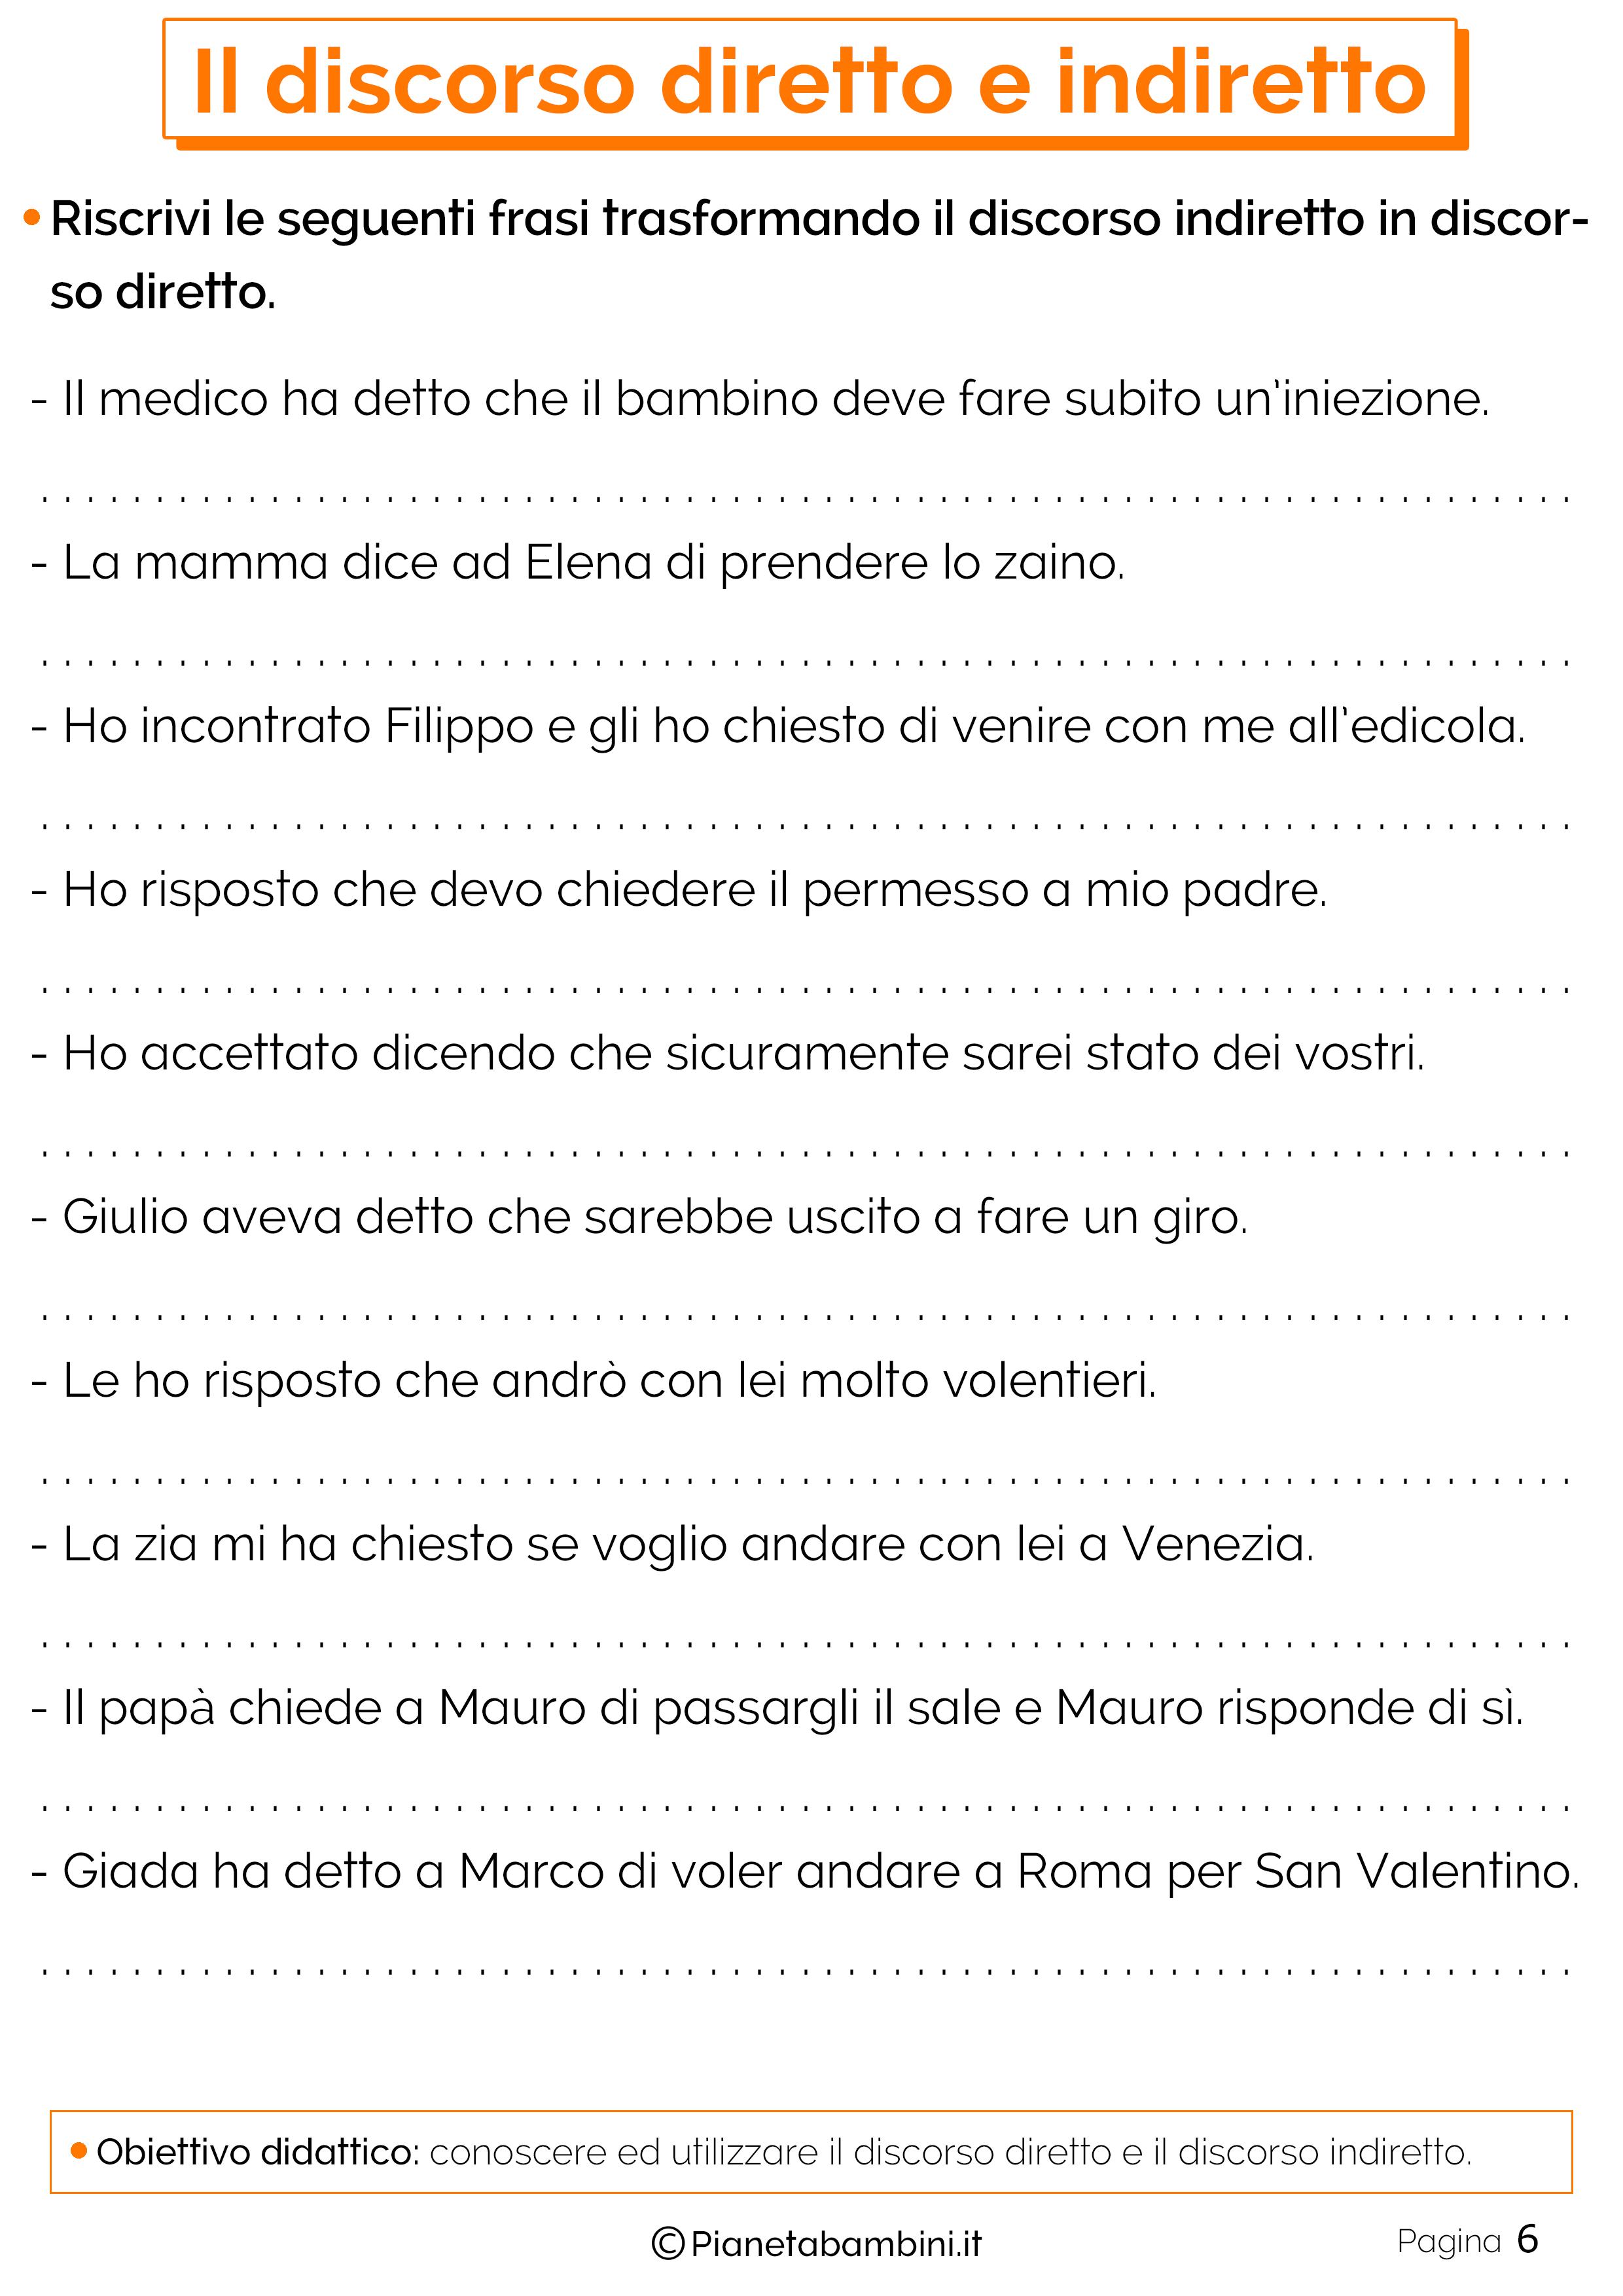 Esercizi sul discorso diretto e indiretto 6